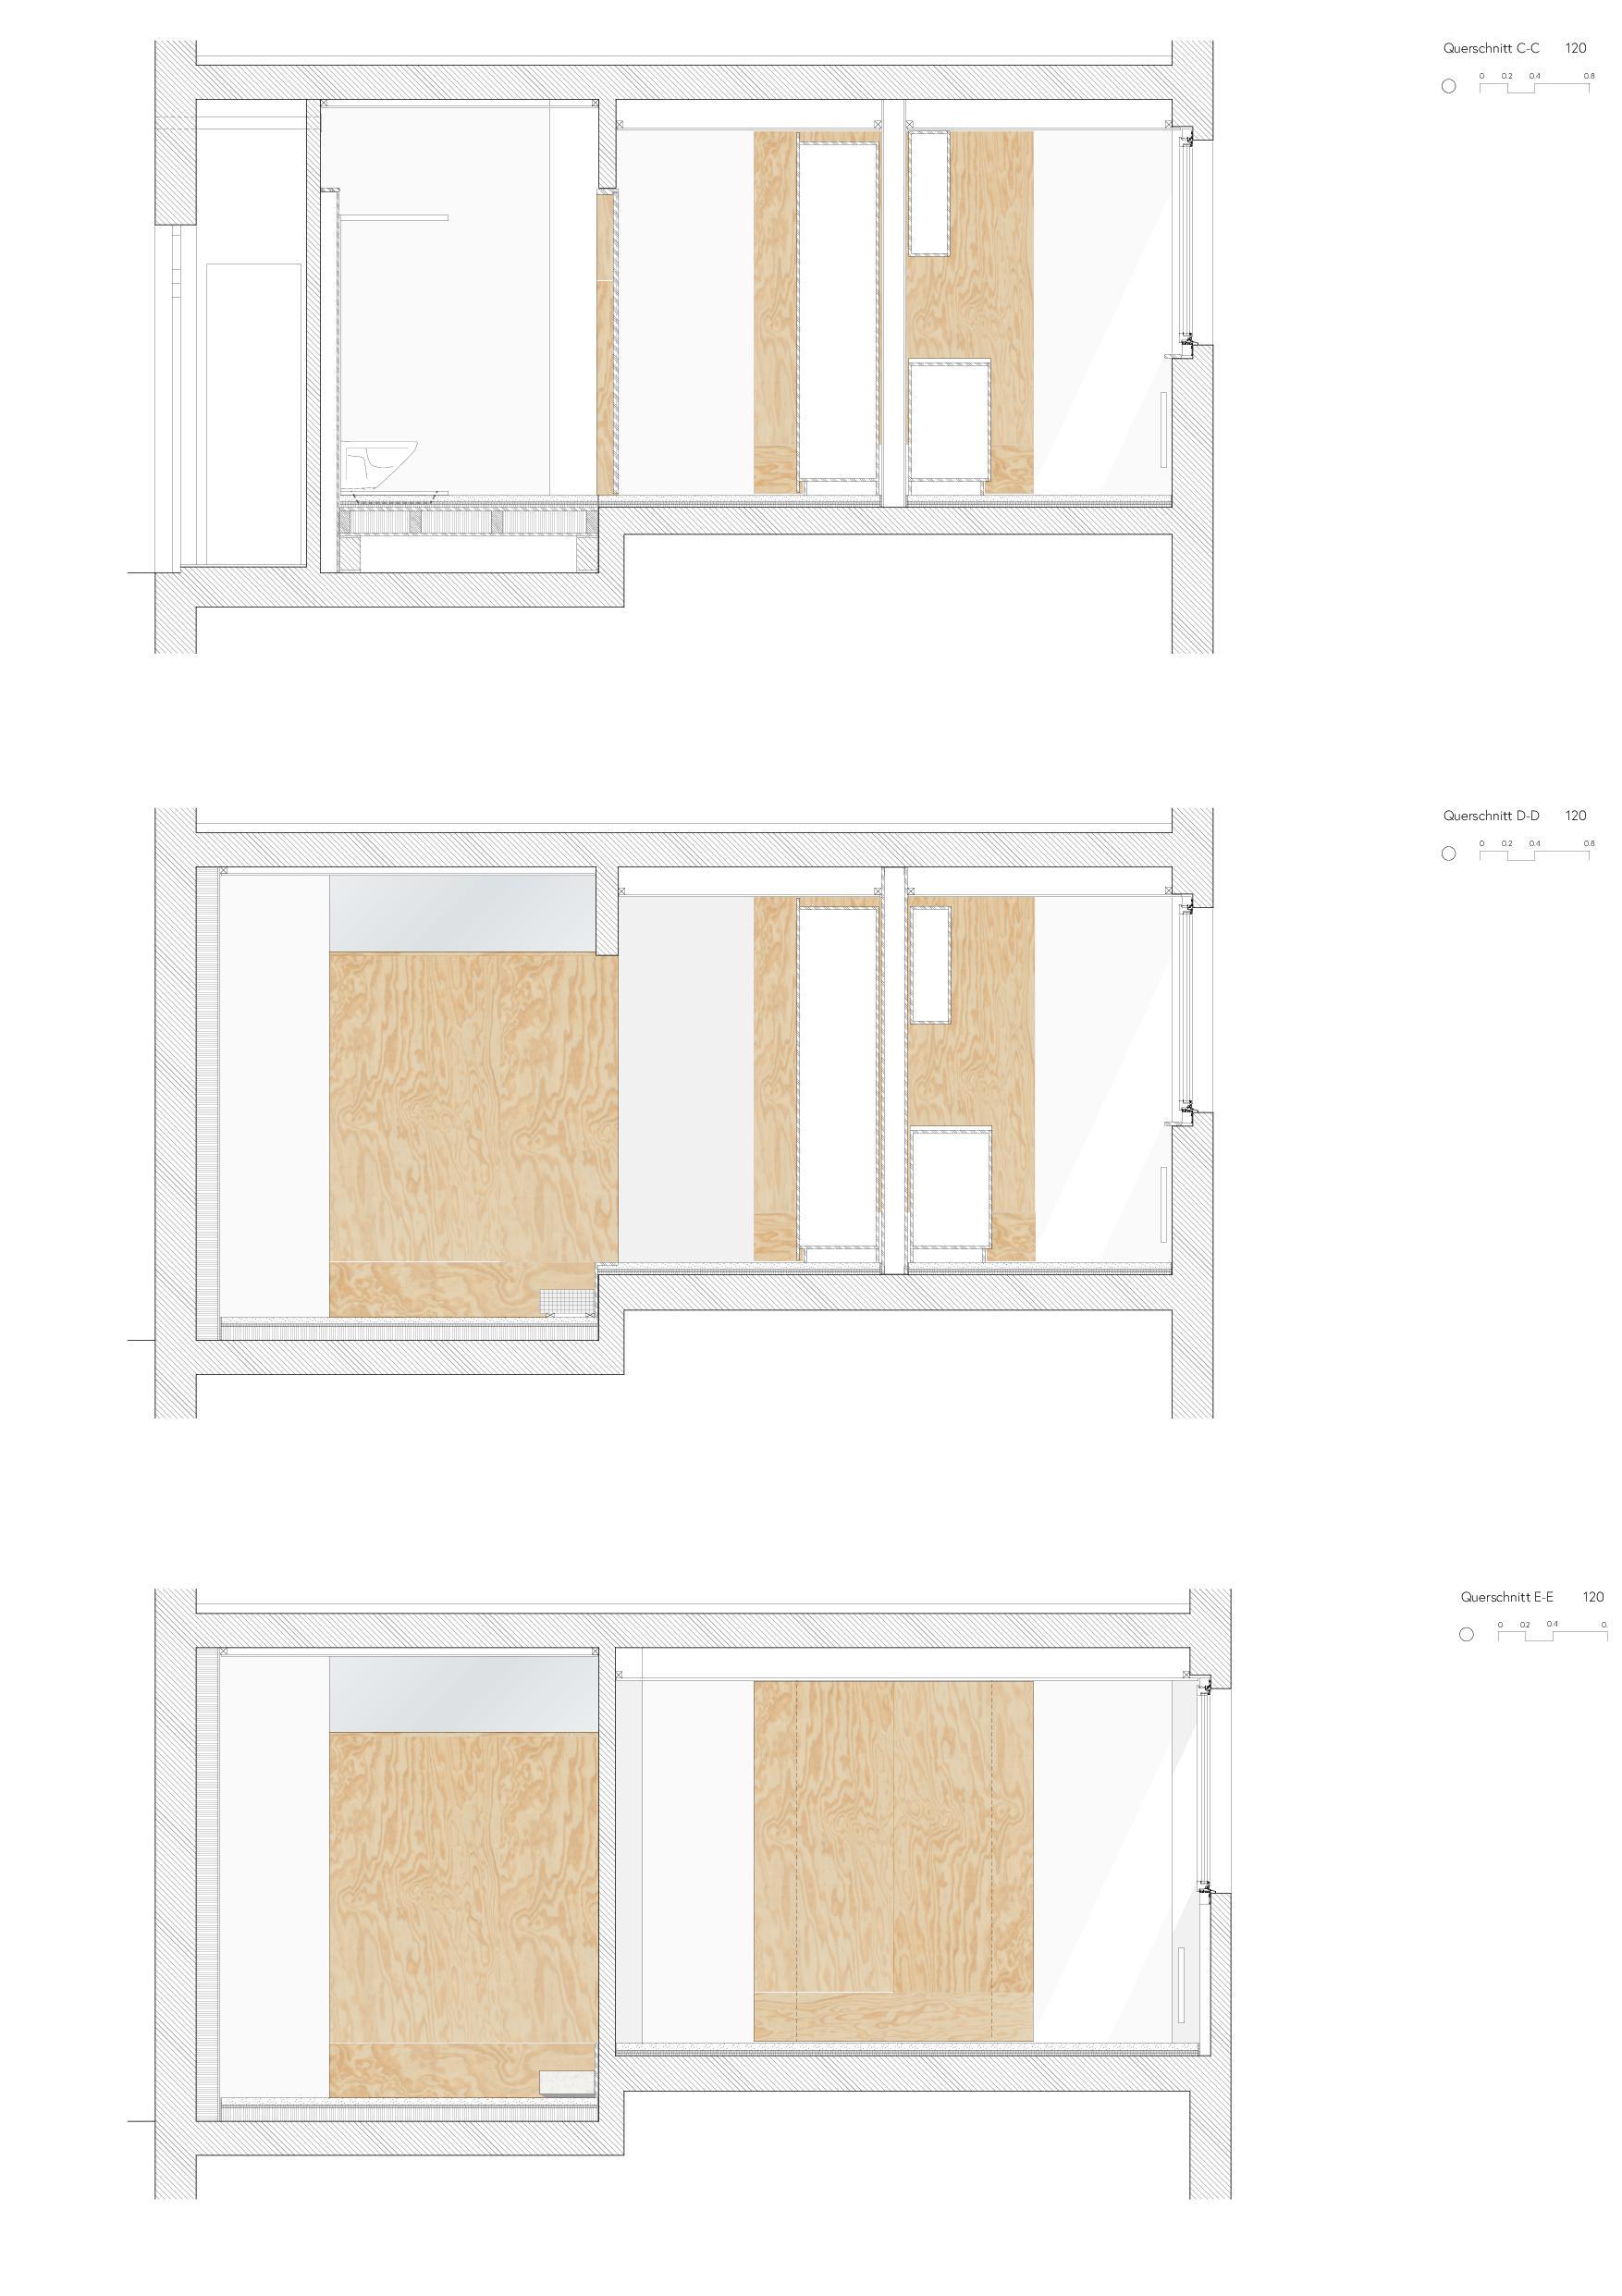 Querschnitte Umbau Gewerbe zu Studio von Wir Architekten GmbH